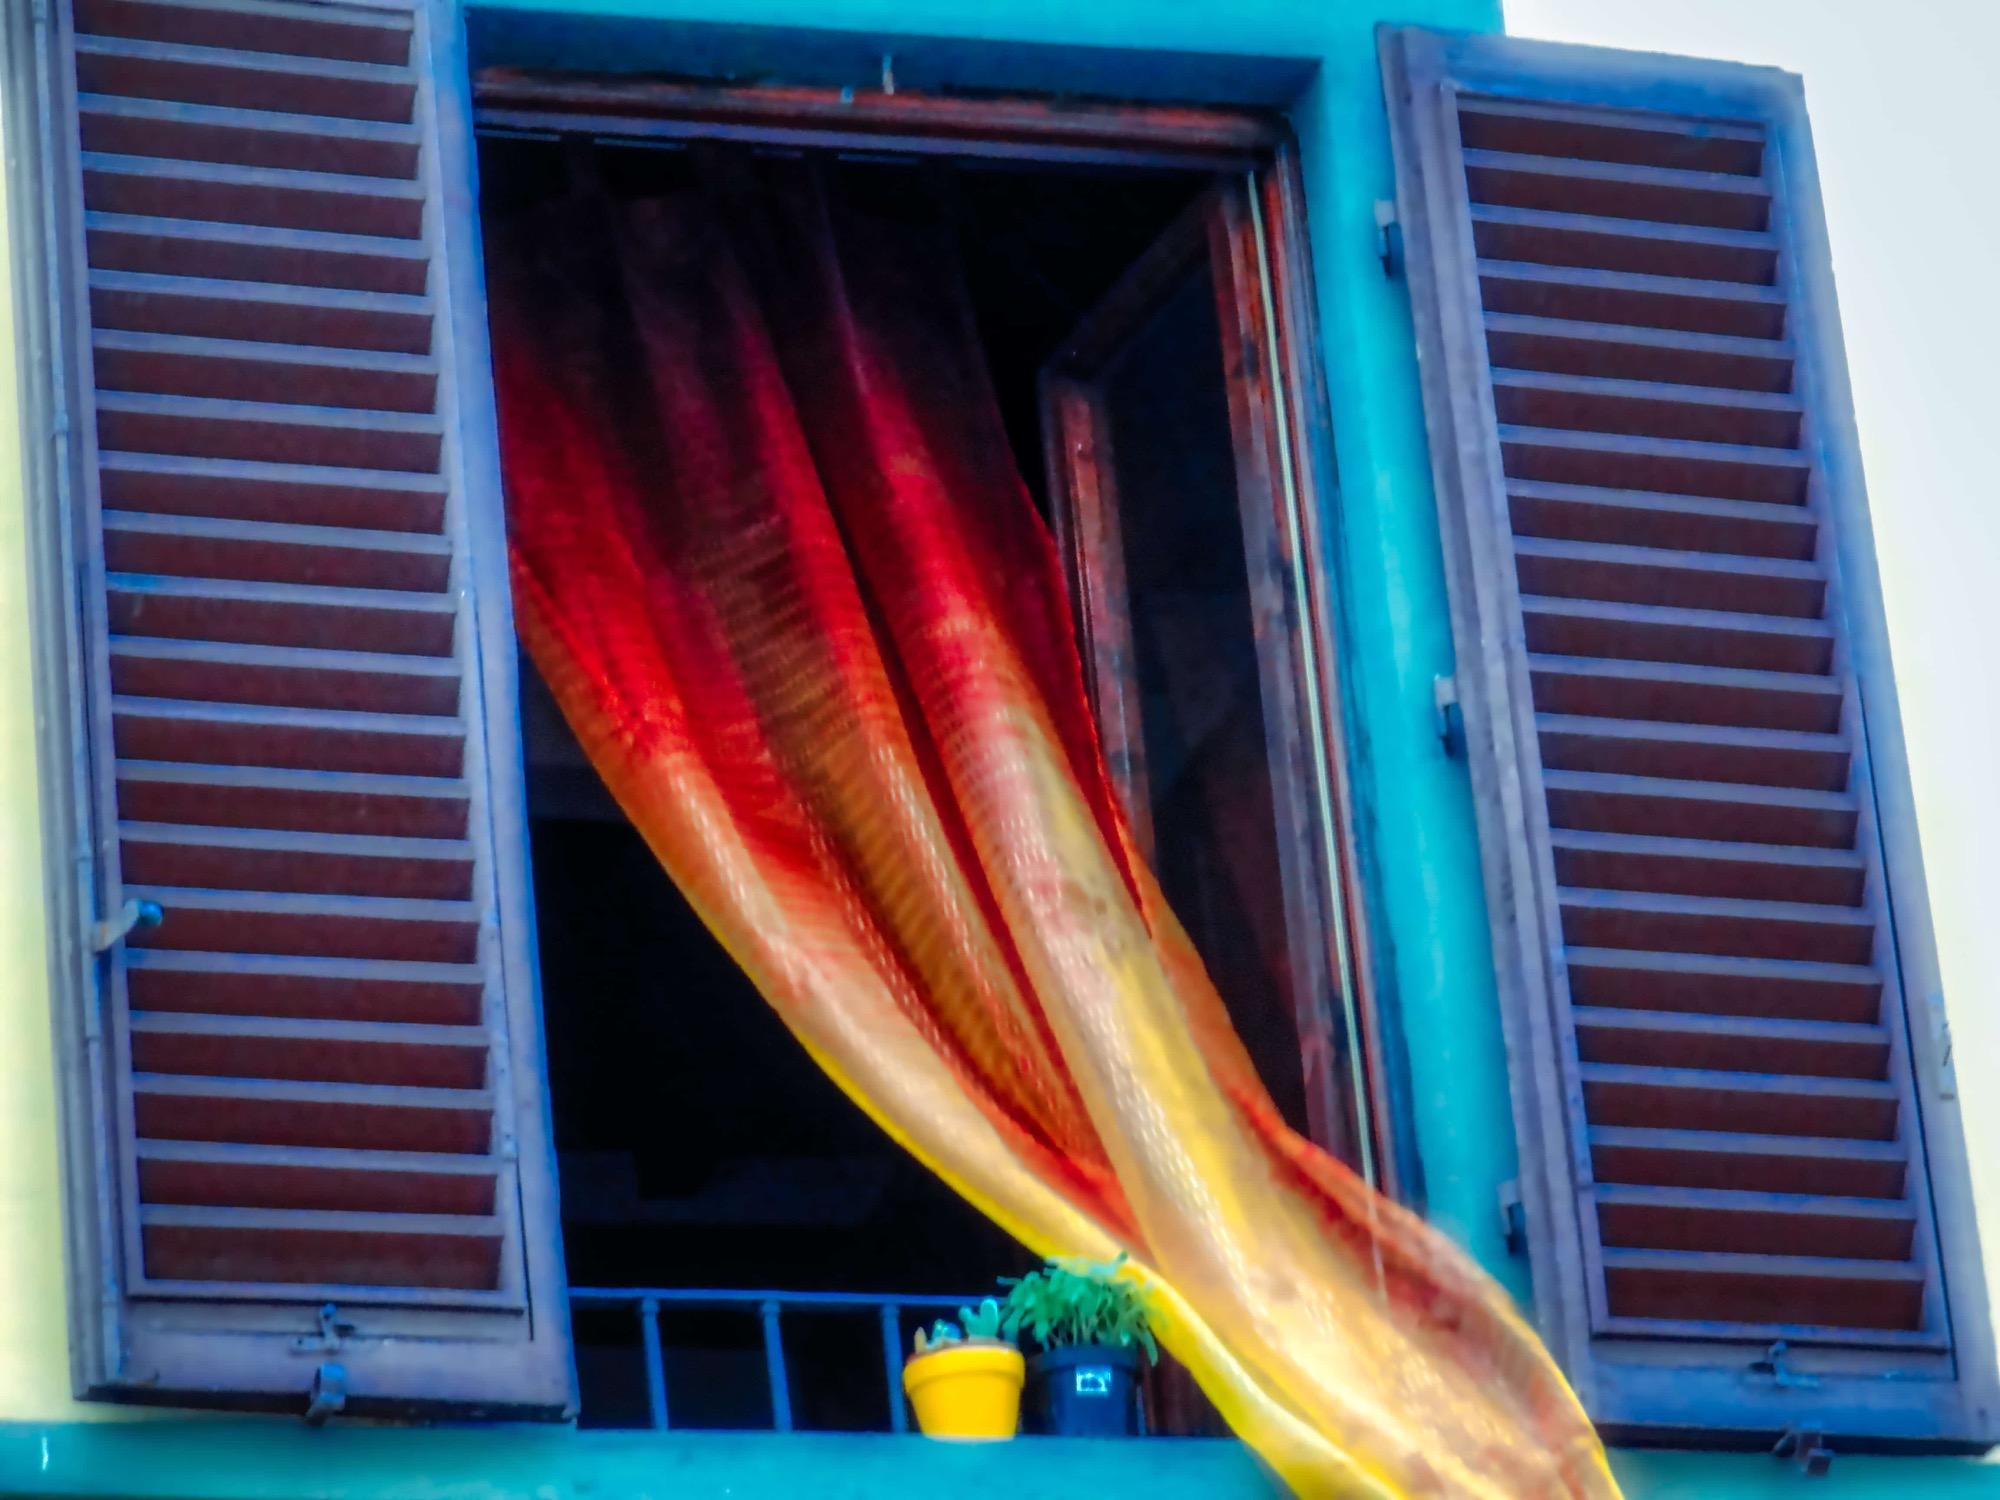 20110919 - 17-42-35_AuroraHDR2019-edit.jpg